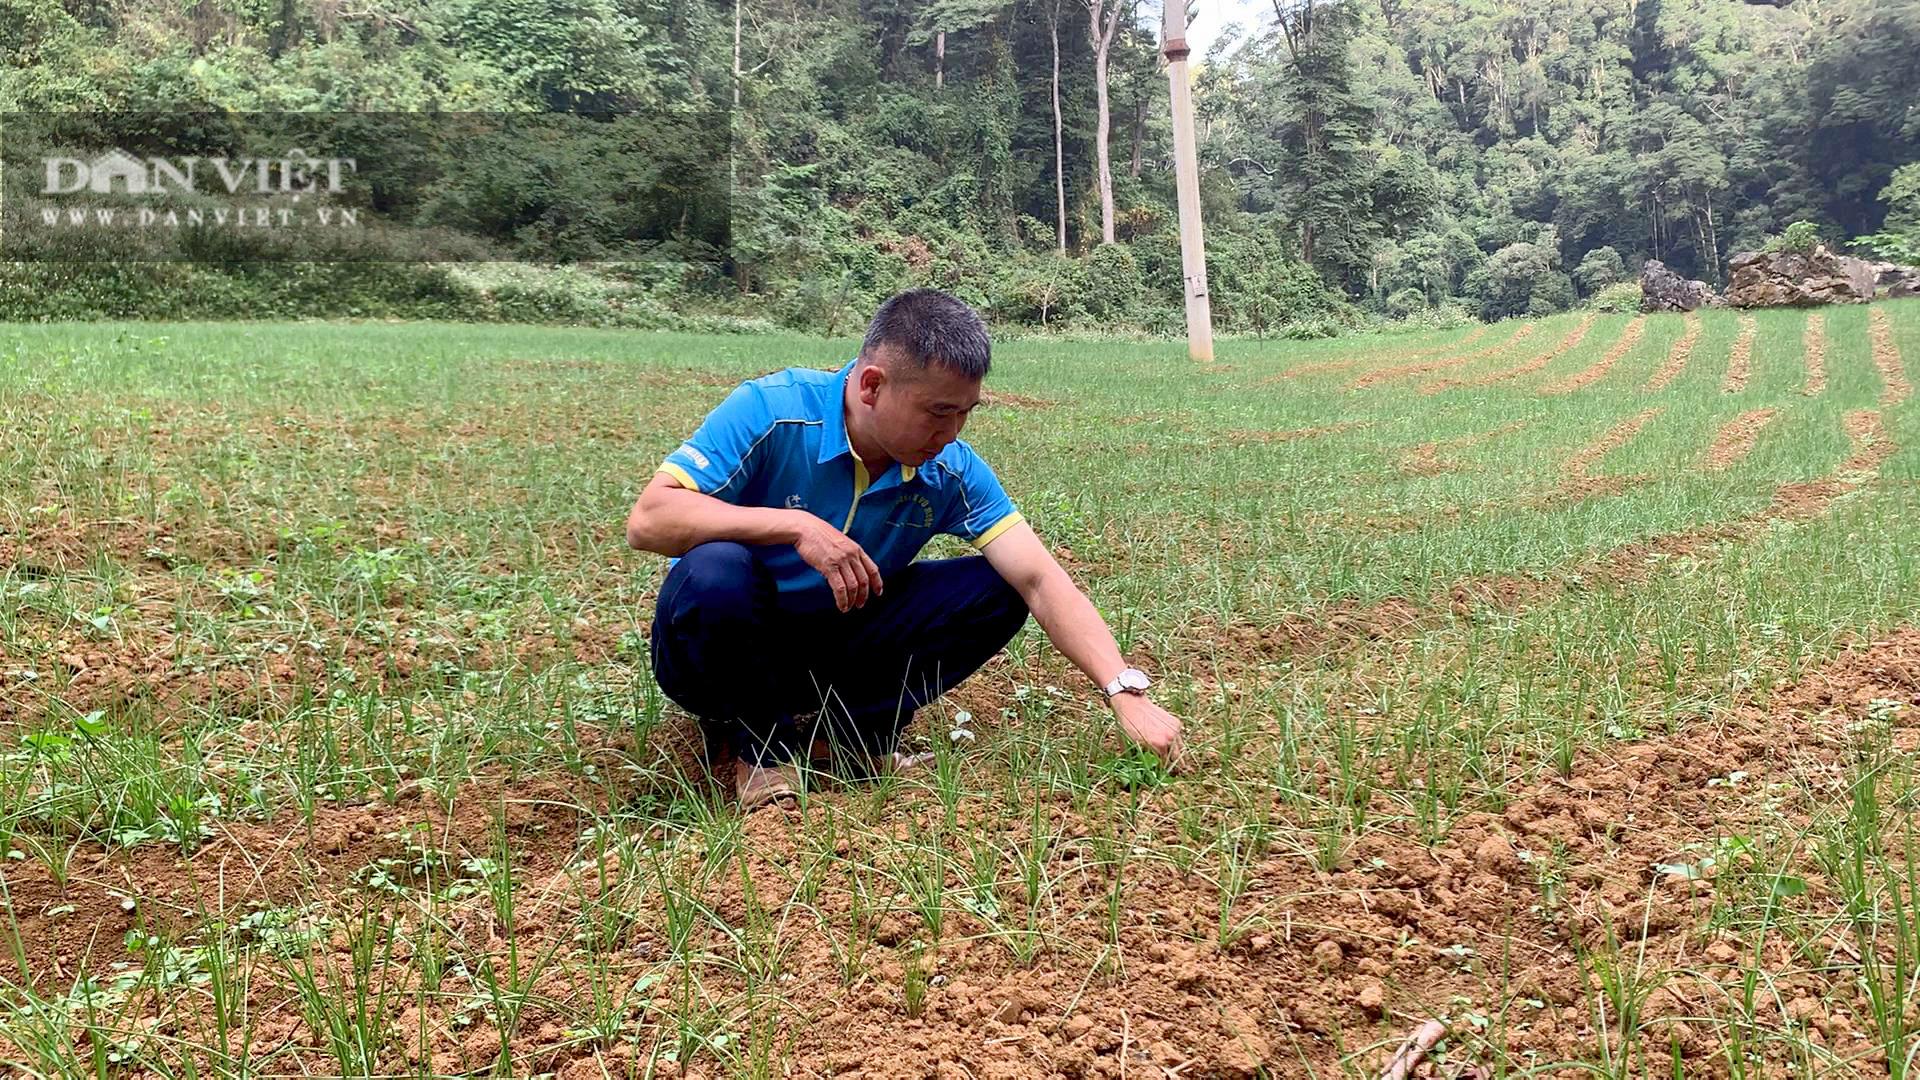 Tránh để phí đất, nông dân Bắc Kạn mang loài cây này về trồng, có thêm thu nhập, không lo đầu ra - Ảnh 3.